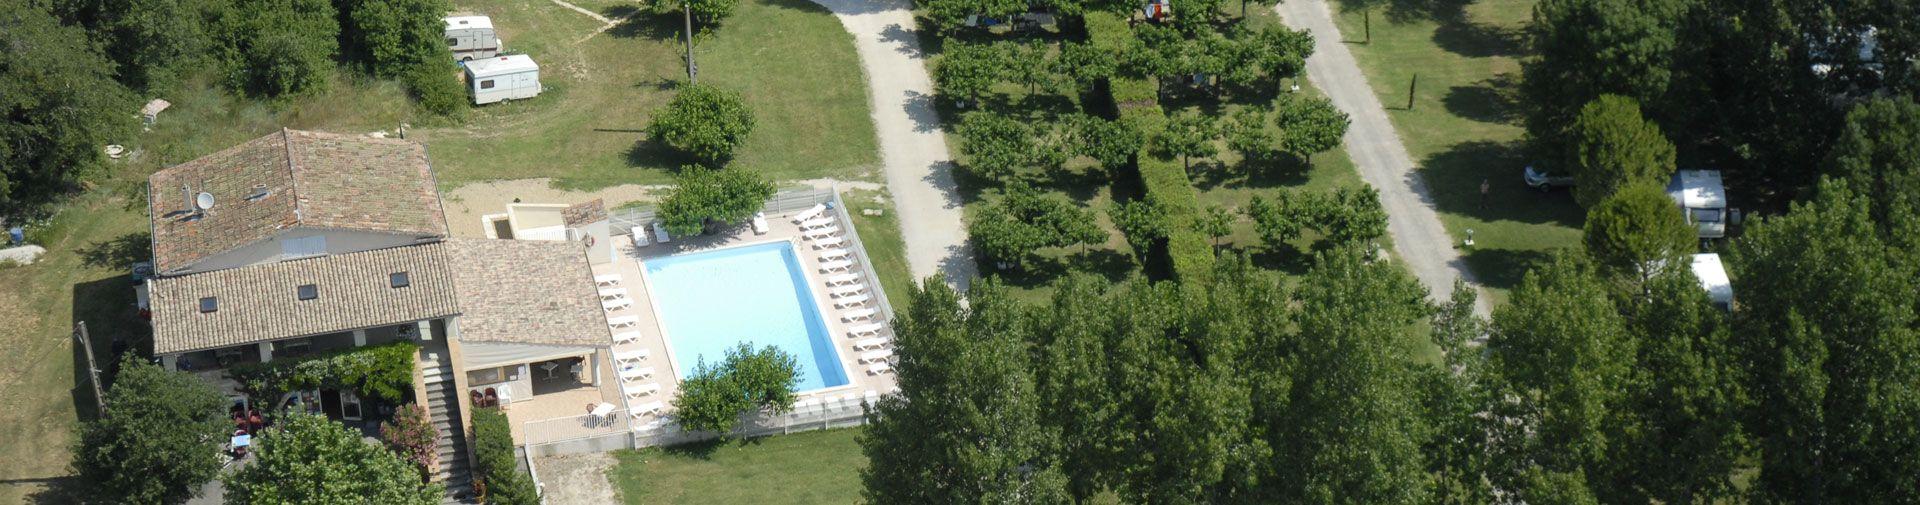 Unterkunft, Ferienhäuser in den Gard